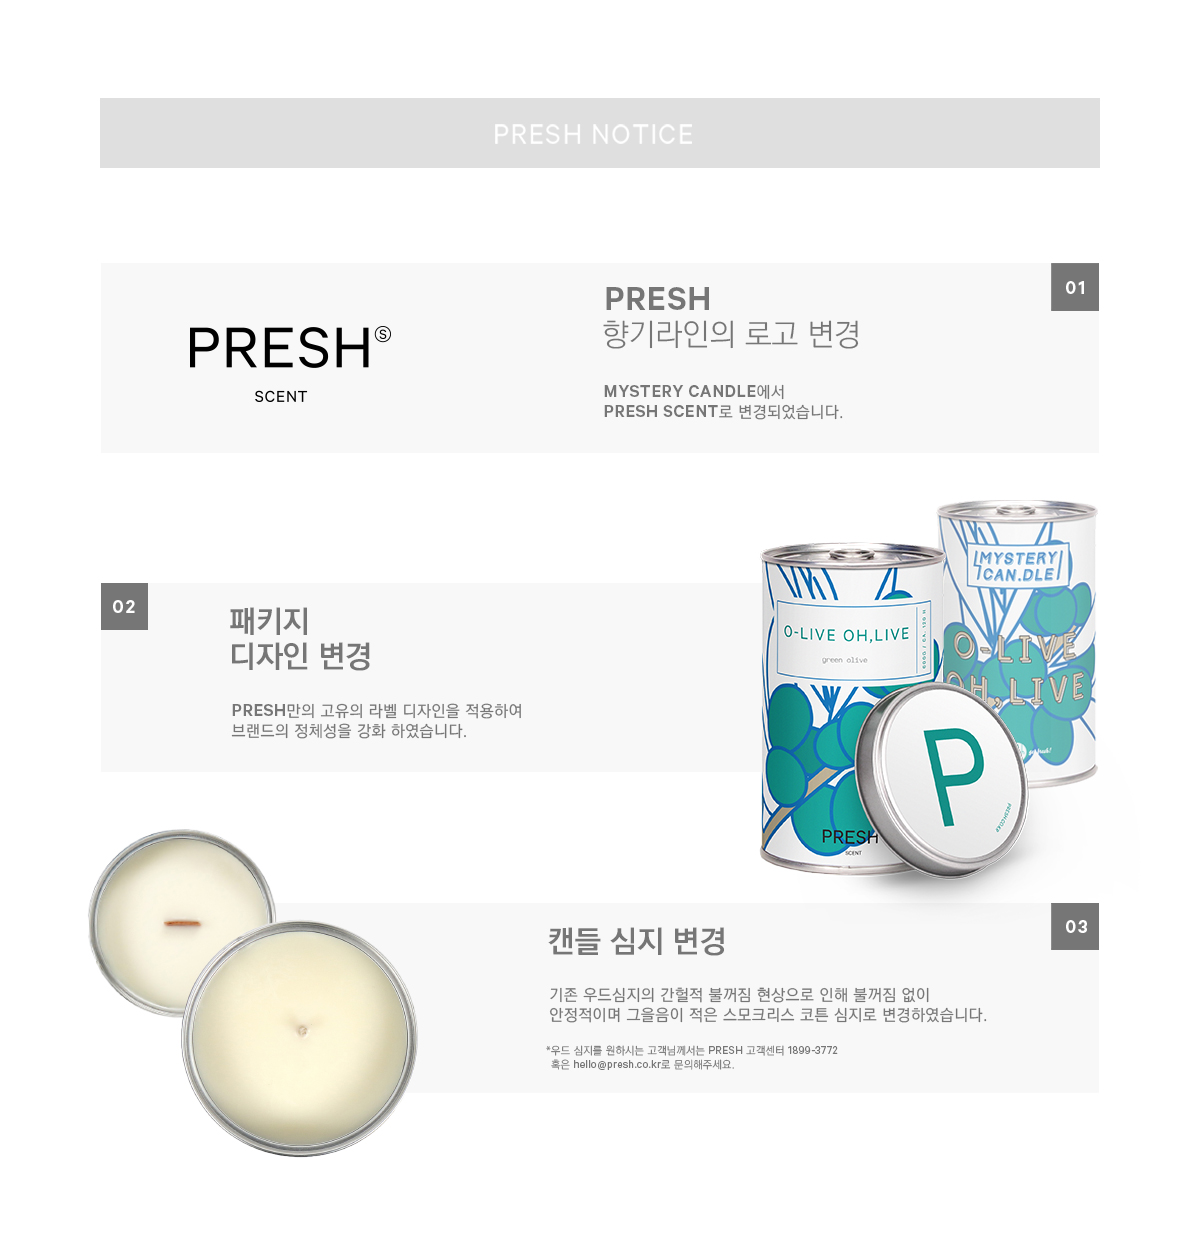 미스테리 캔.들 홍청망청 Champagne TEEN TIN - 프레쉬, 9,000원, 캔들, 아로마 캔들